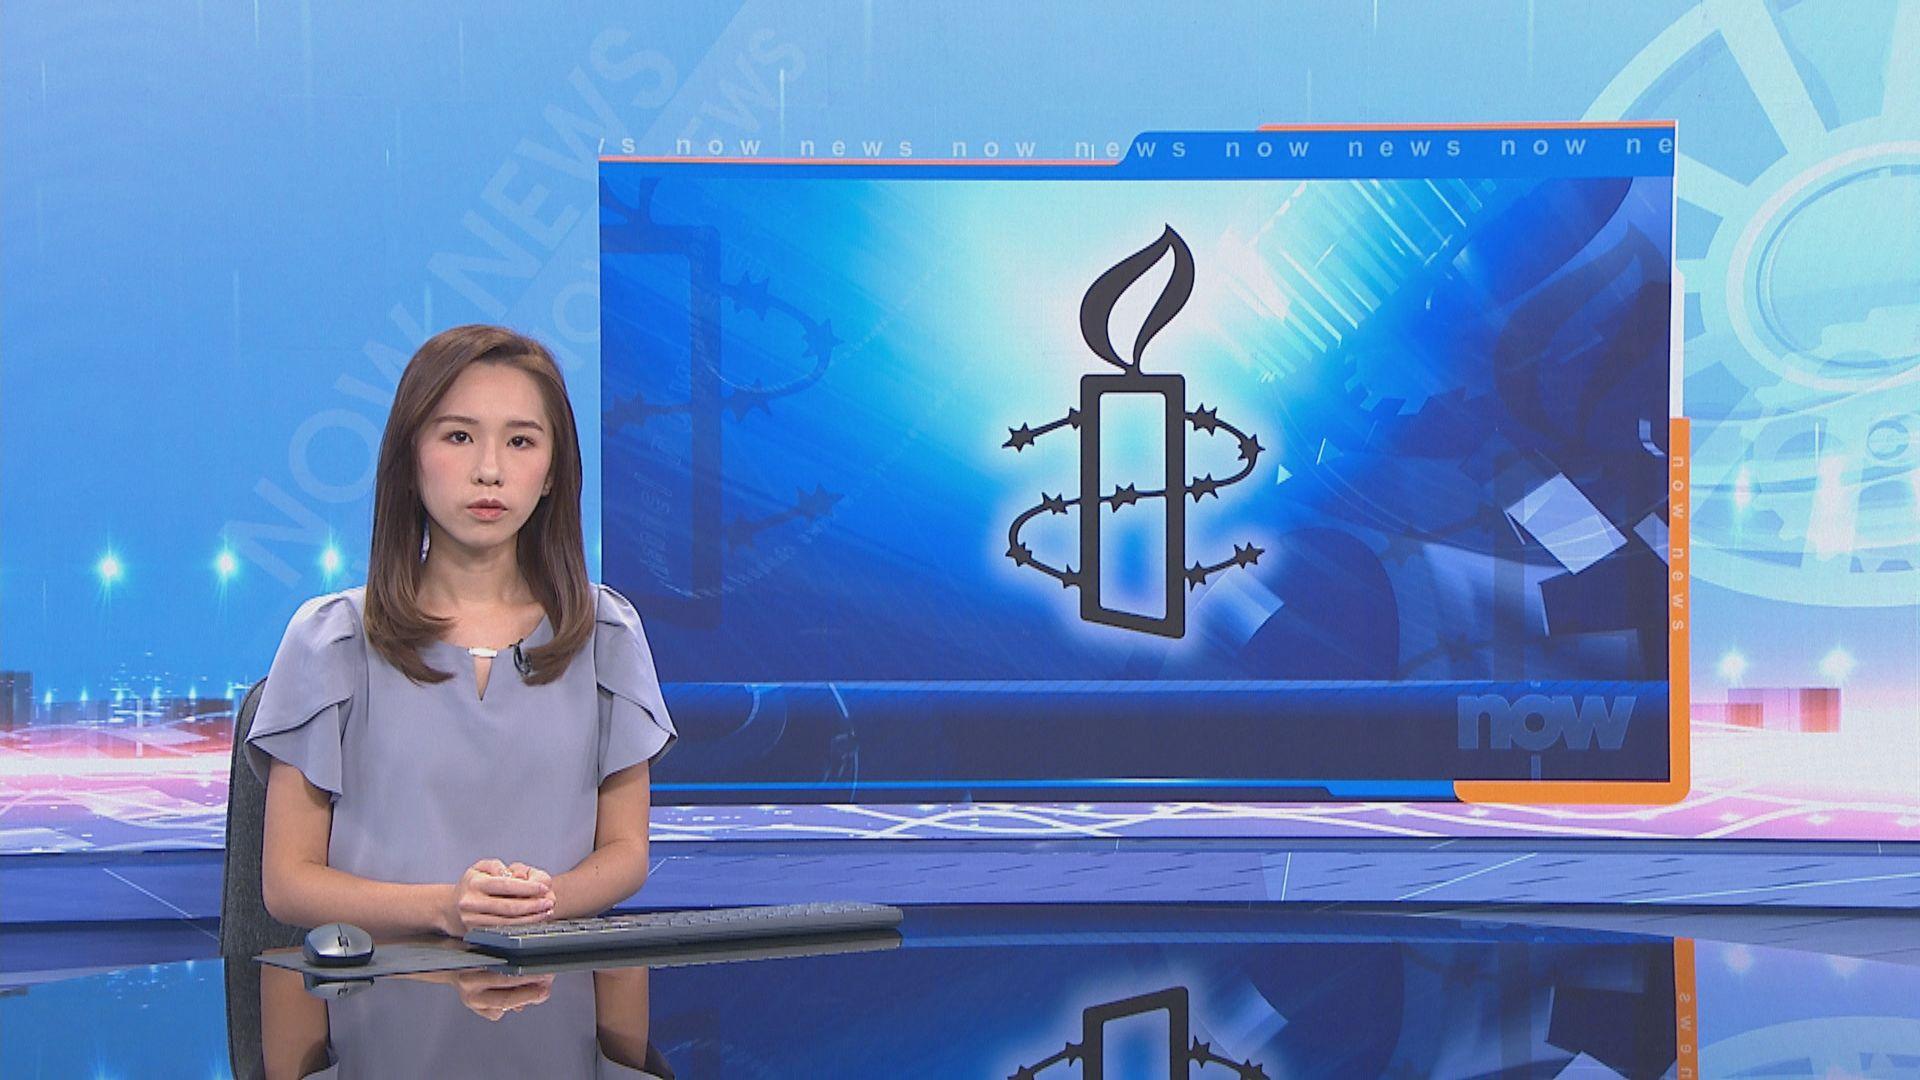 國際特赦組織關閉兩辦公室 林鄭:無法評論任何組織作出的解釋